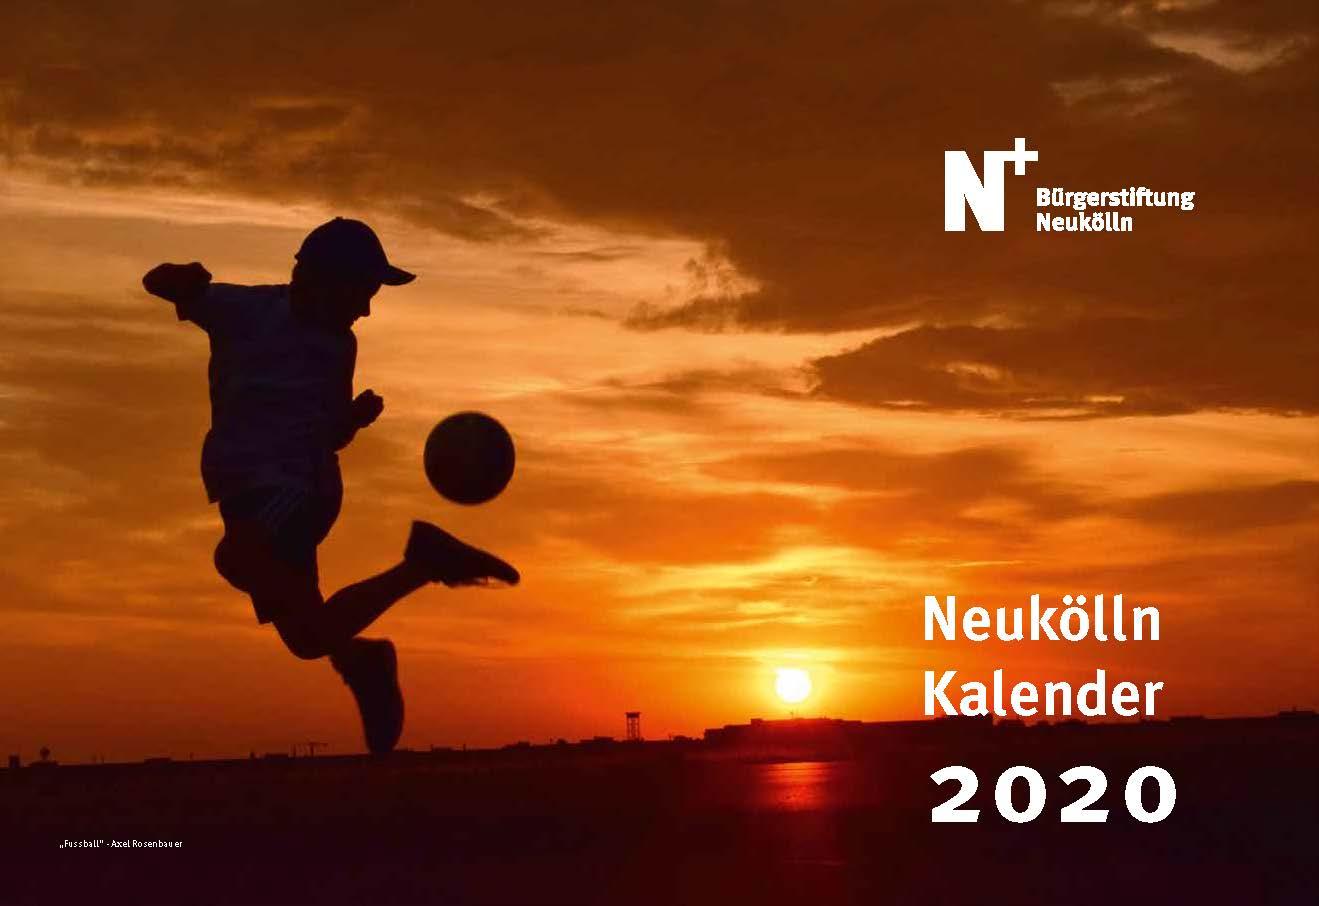 N+Neukölln Kalender 2020